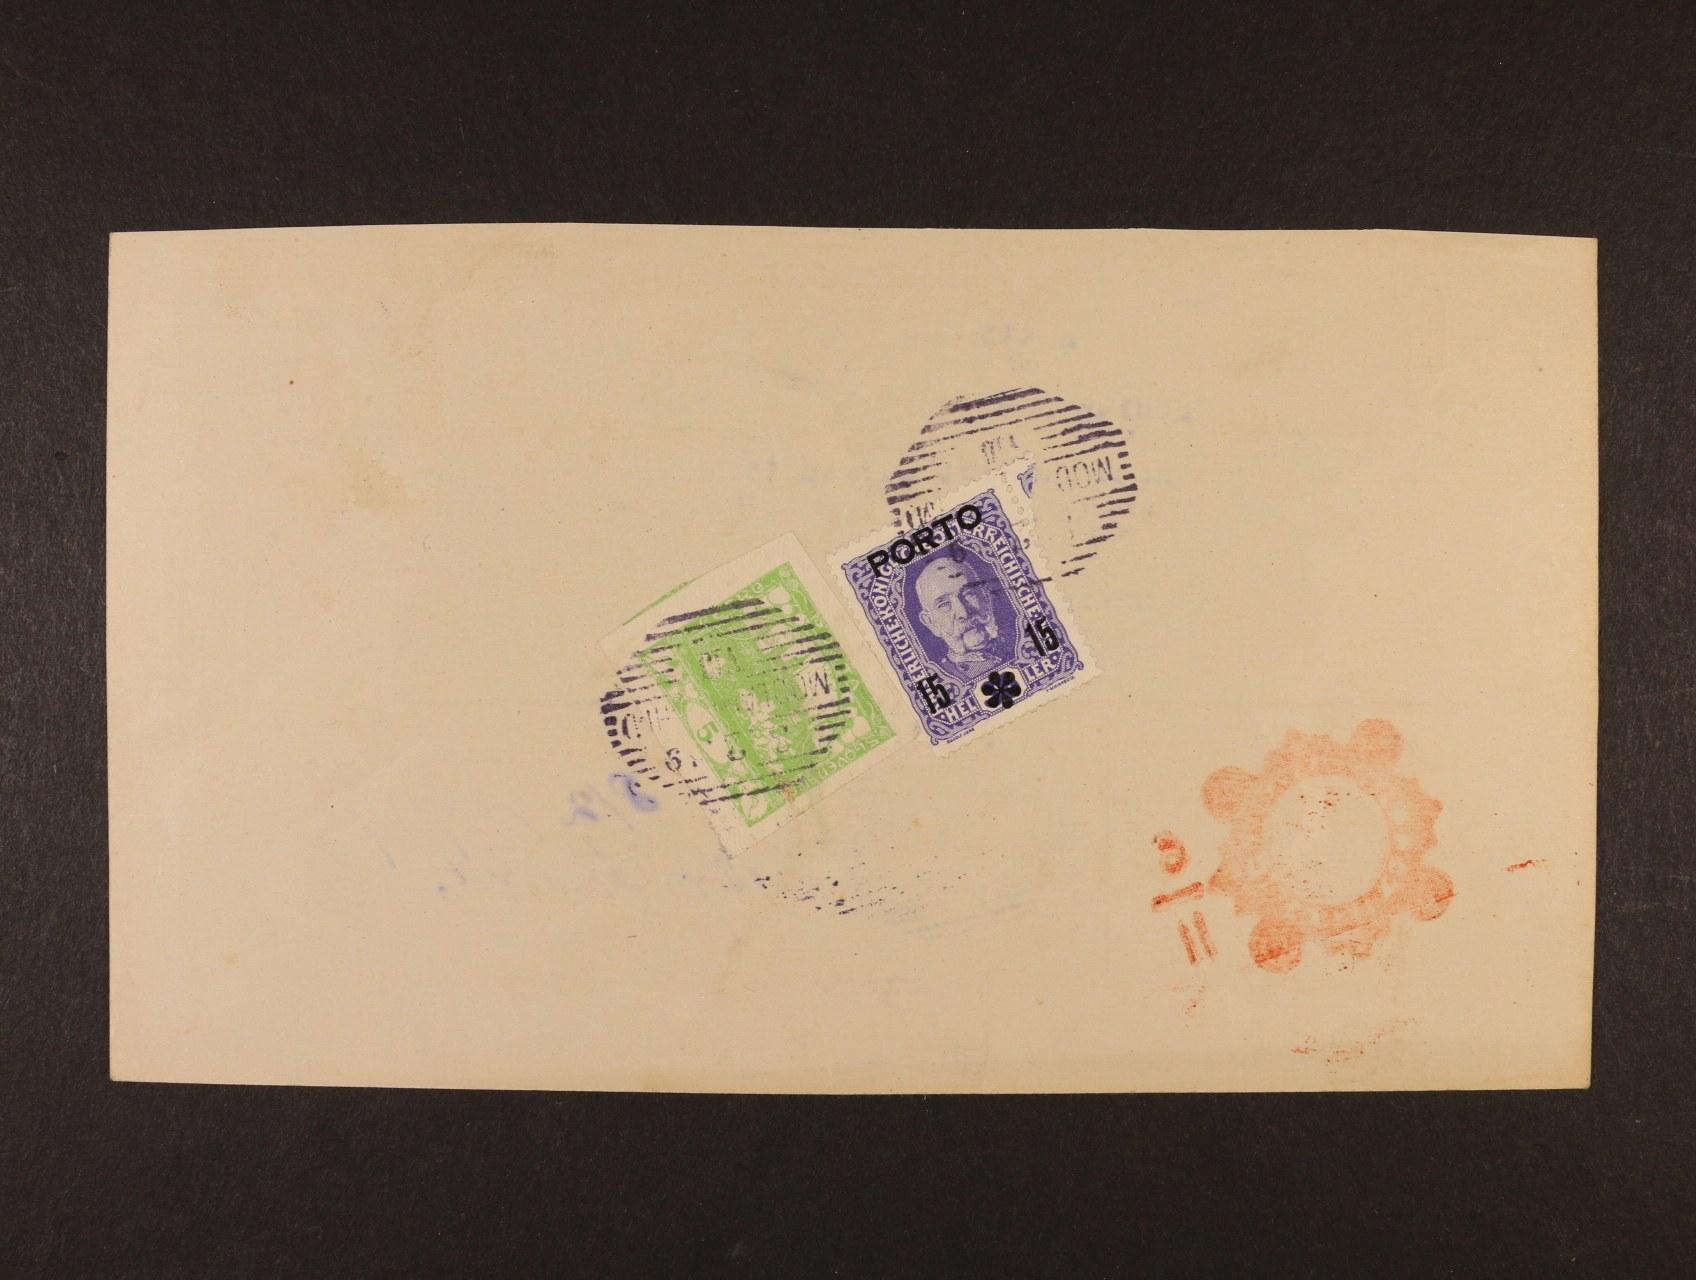 poštovní průvodka poštovní spořitelny Wien zaslaná na pošt. úřad Modlan Bhm., poštovné ve výši 20h vyplaceno zn. Mi. P 59 a zn. Hradčany 5h č. 3, znehodnoc. linkovým raz. MODLAN BÖHM 10.2.1919